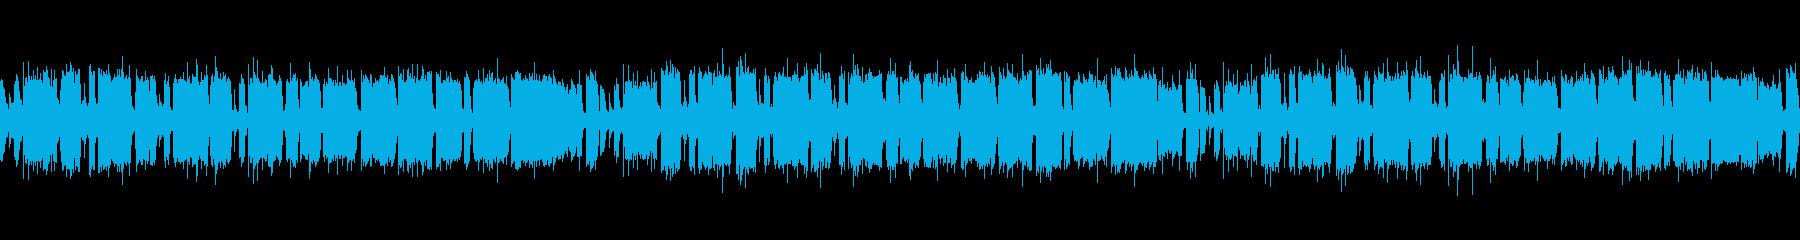 ダンジョン4 RPG ゲーム ループの再生済みの波形